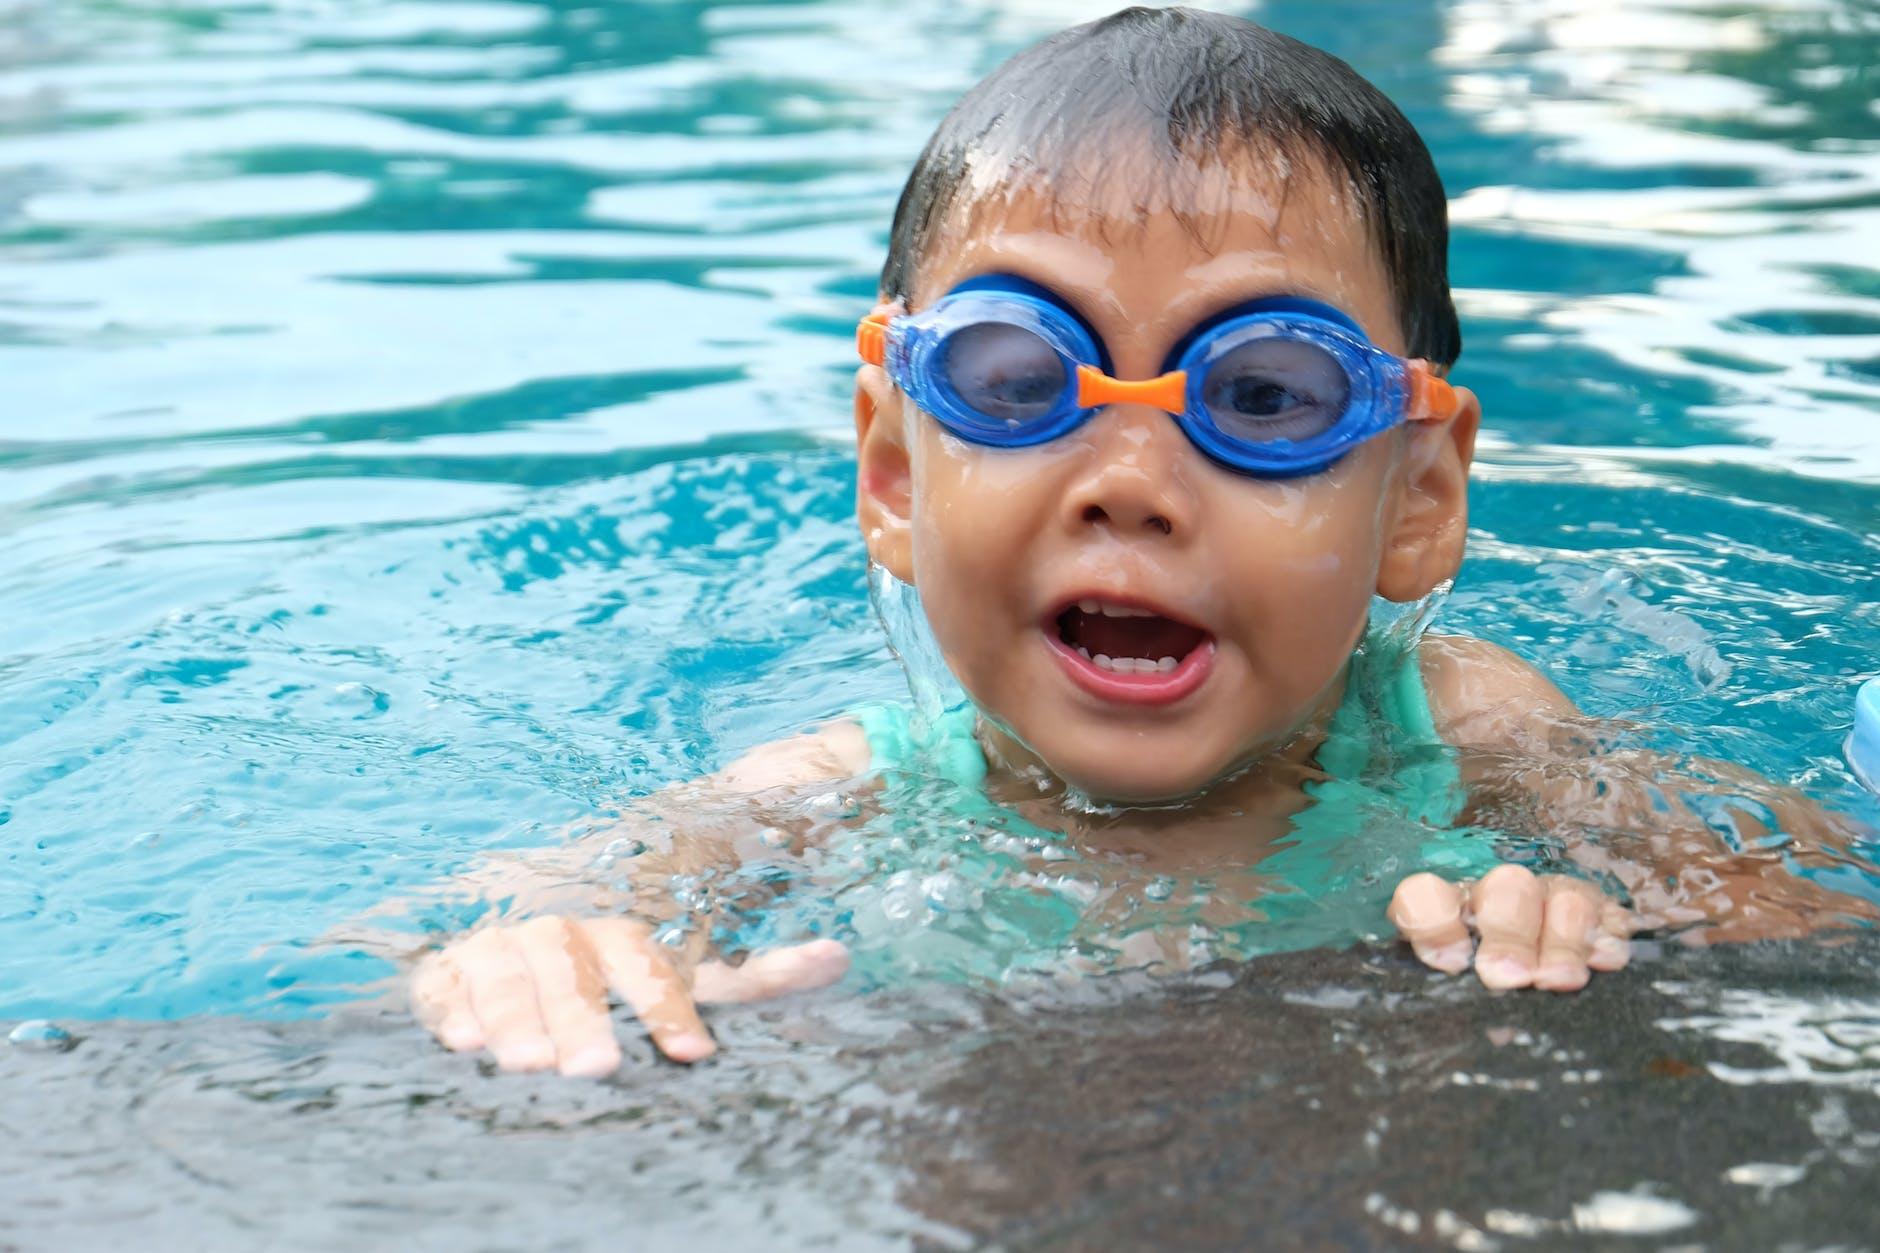 pool care, family fun